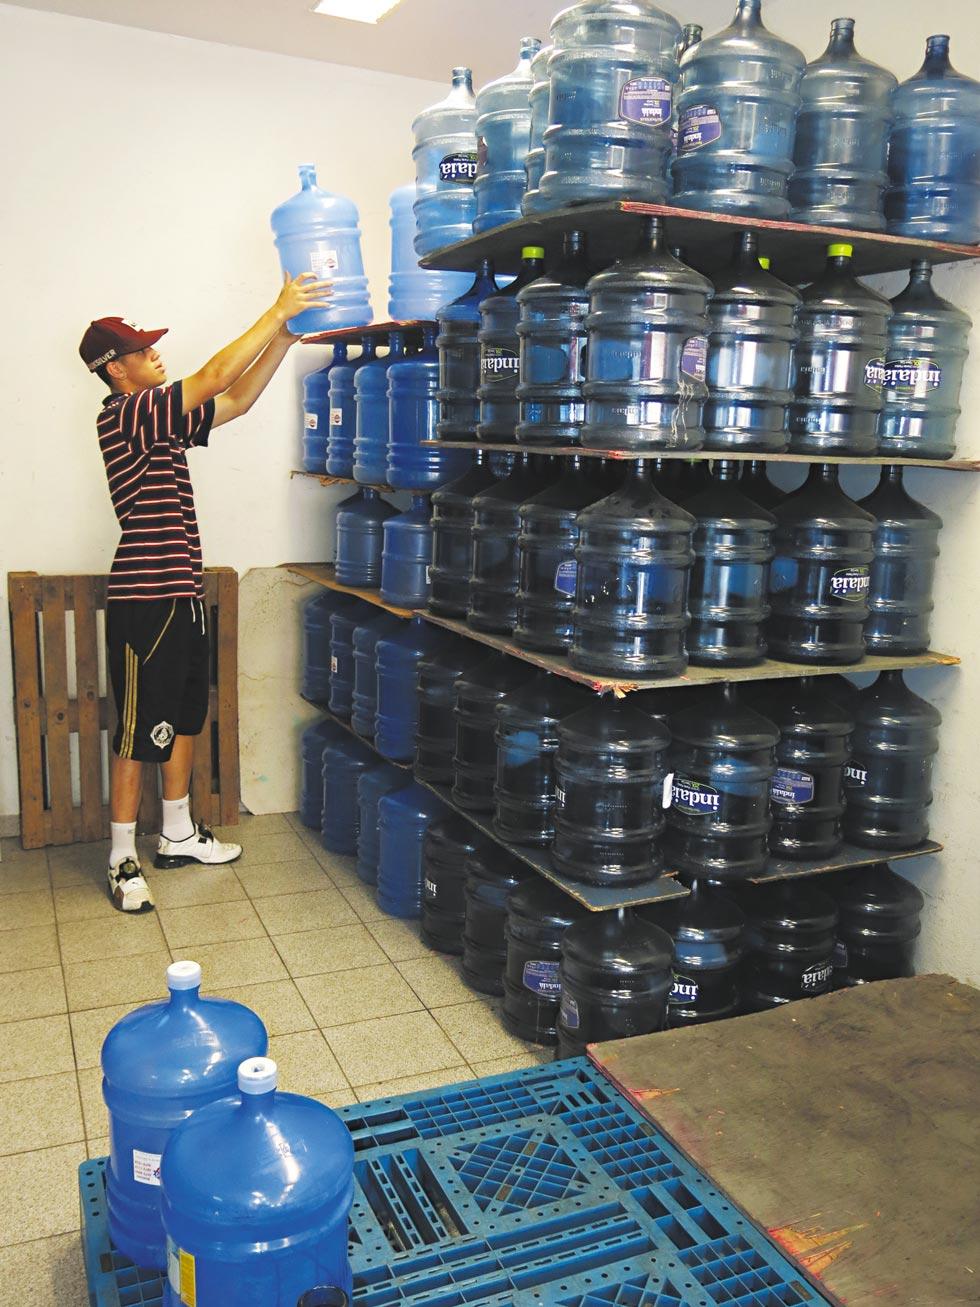 Estoque de galões em distribuidora de água | Marcelo D'Sants/Frame/Folhapress